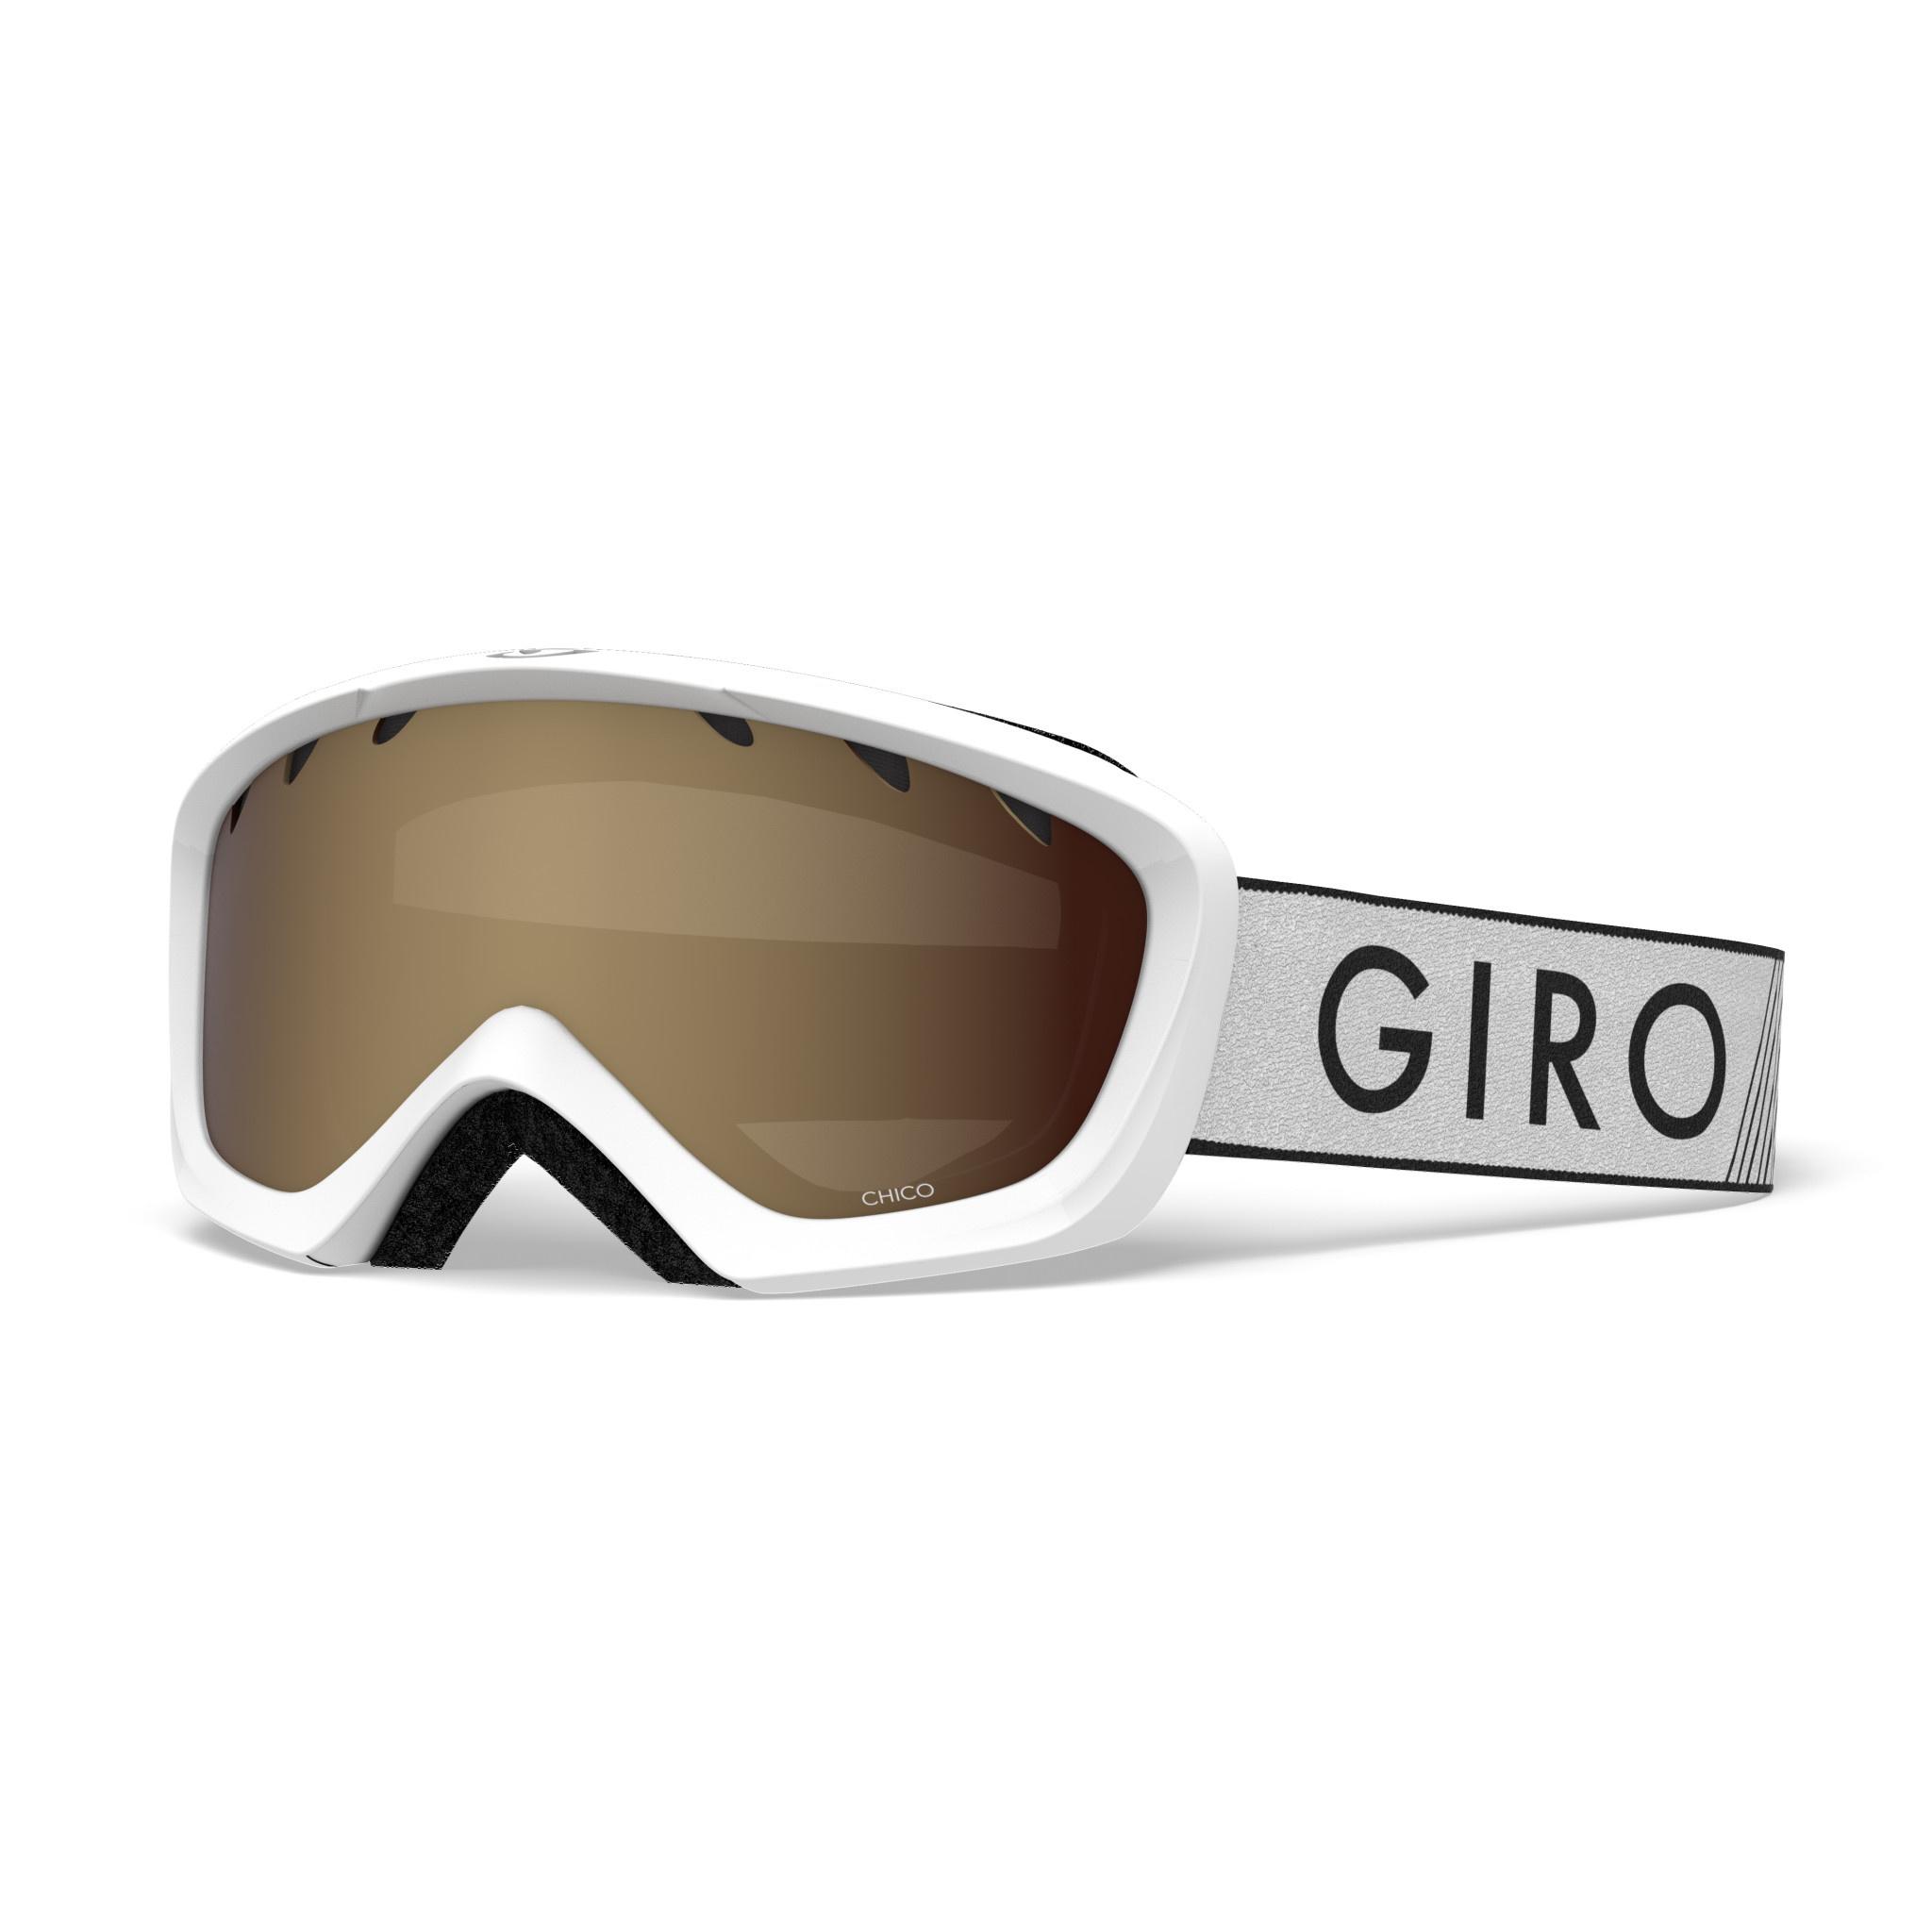 Giro Chico-5